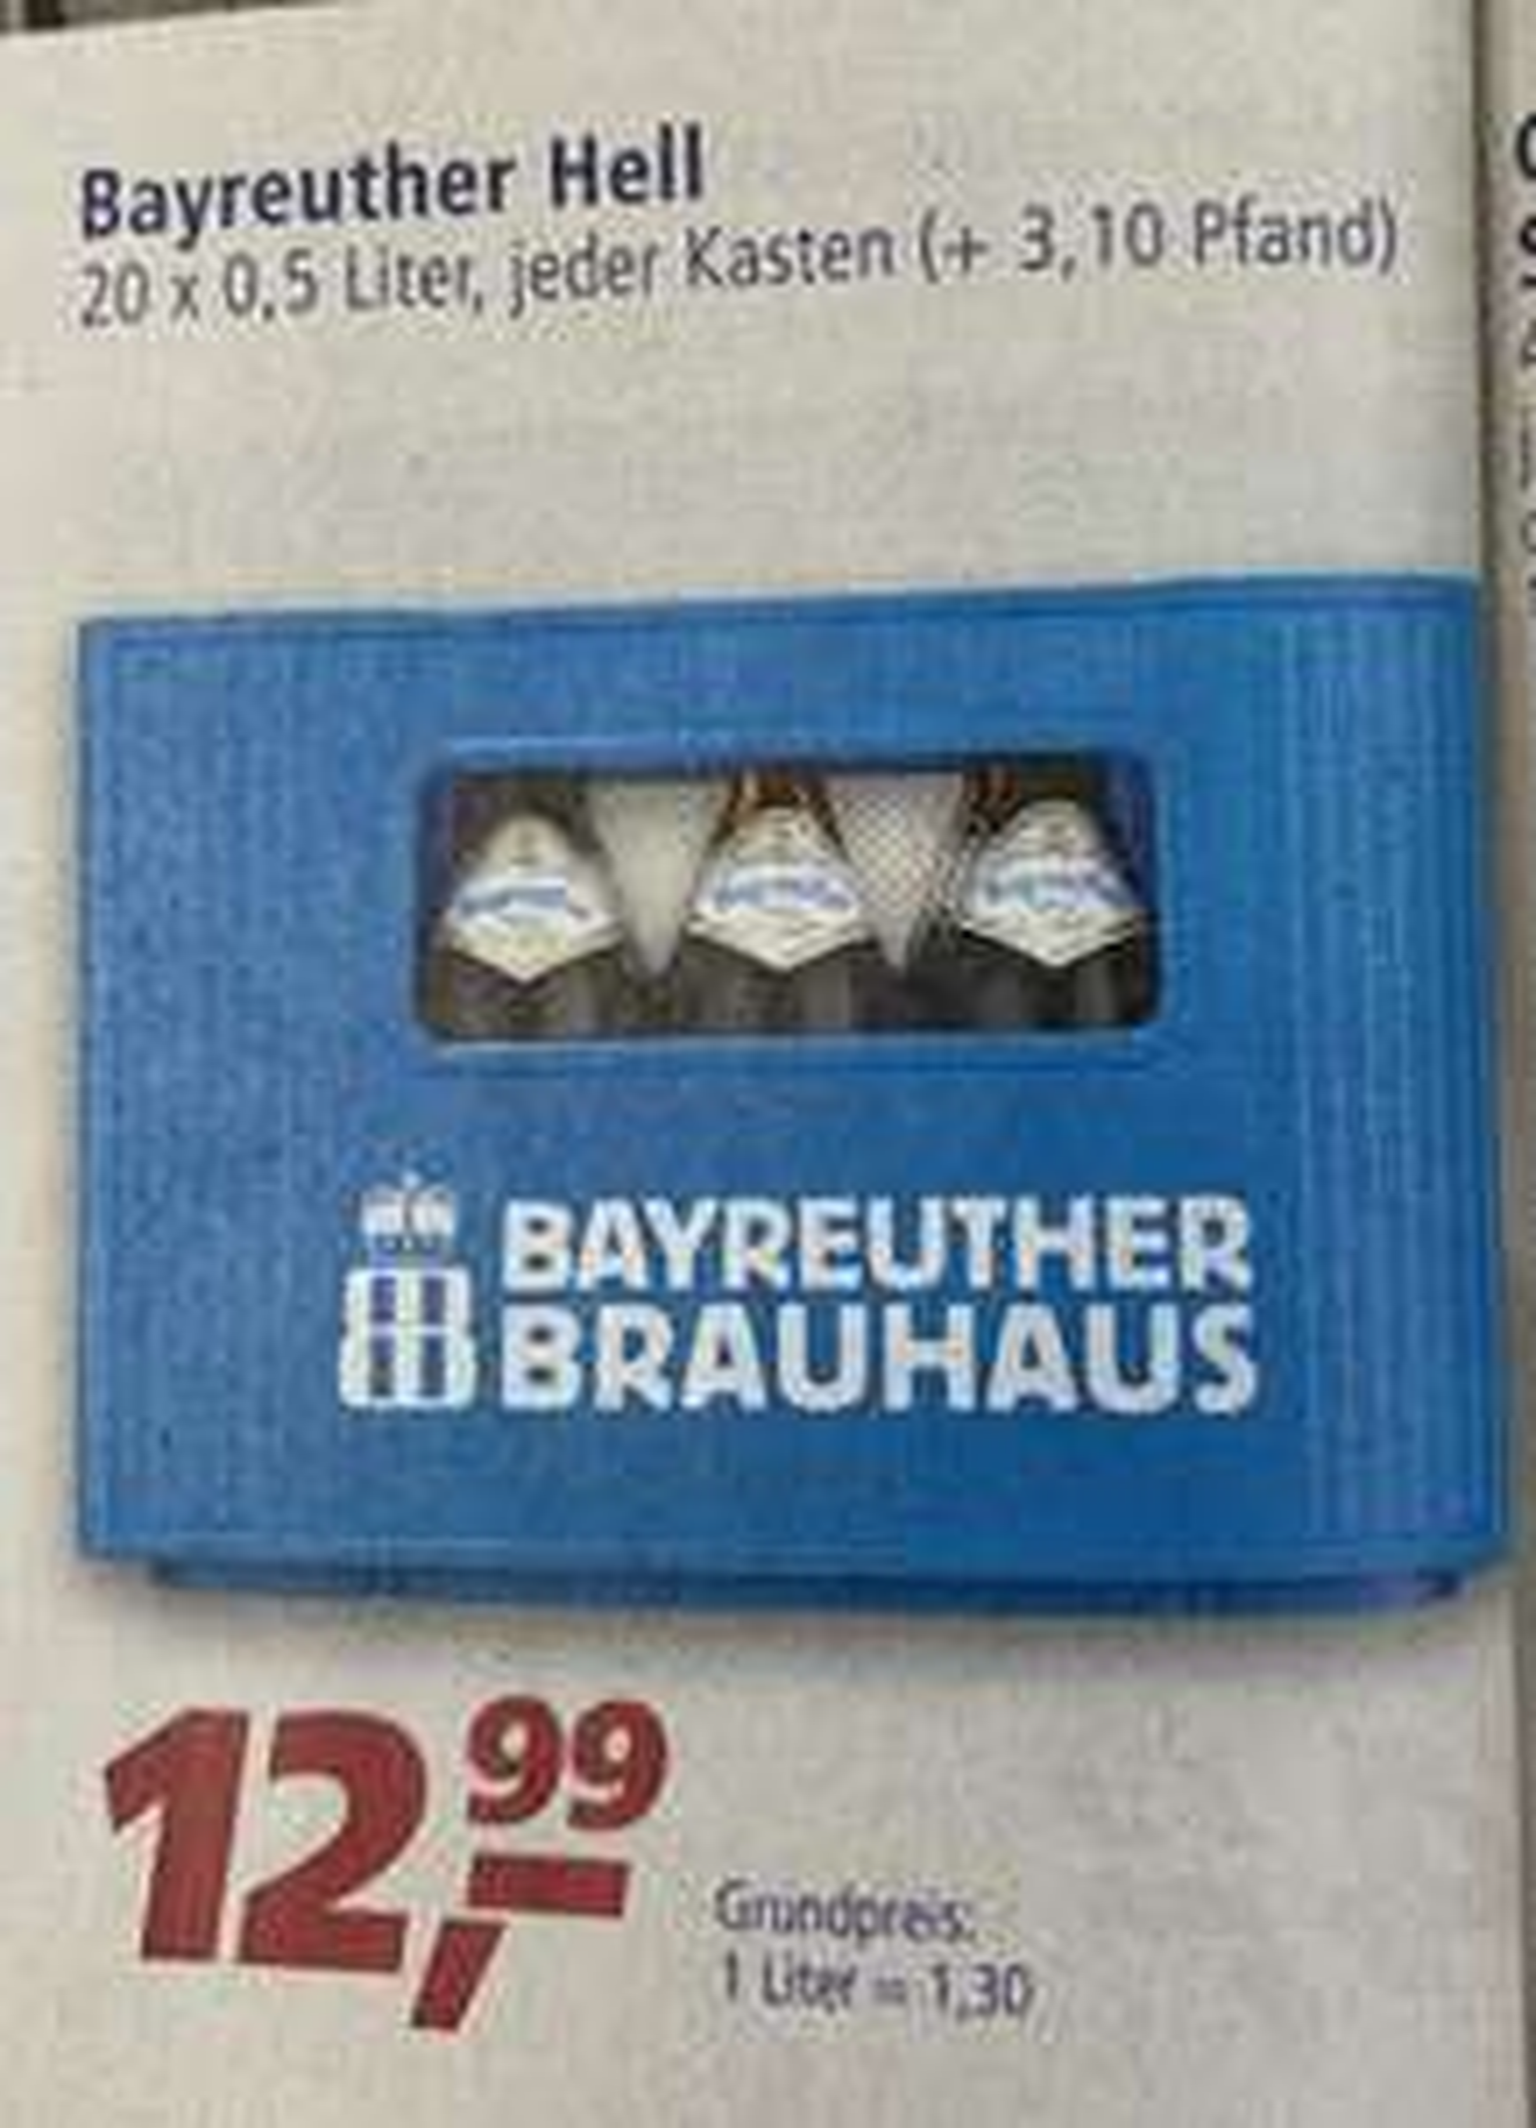 [Real] Bayreuther Brauhaus Hell - 20 x 0,5l Fl - für 12,99 € zzgl. 3.10€ Pfand ab 09.09.2019